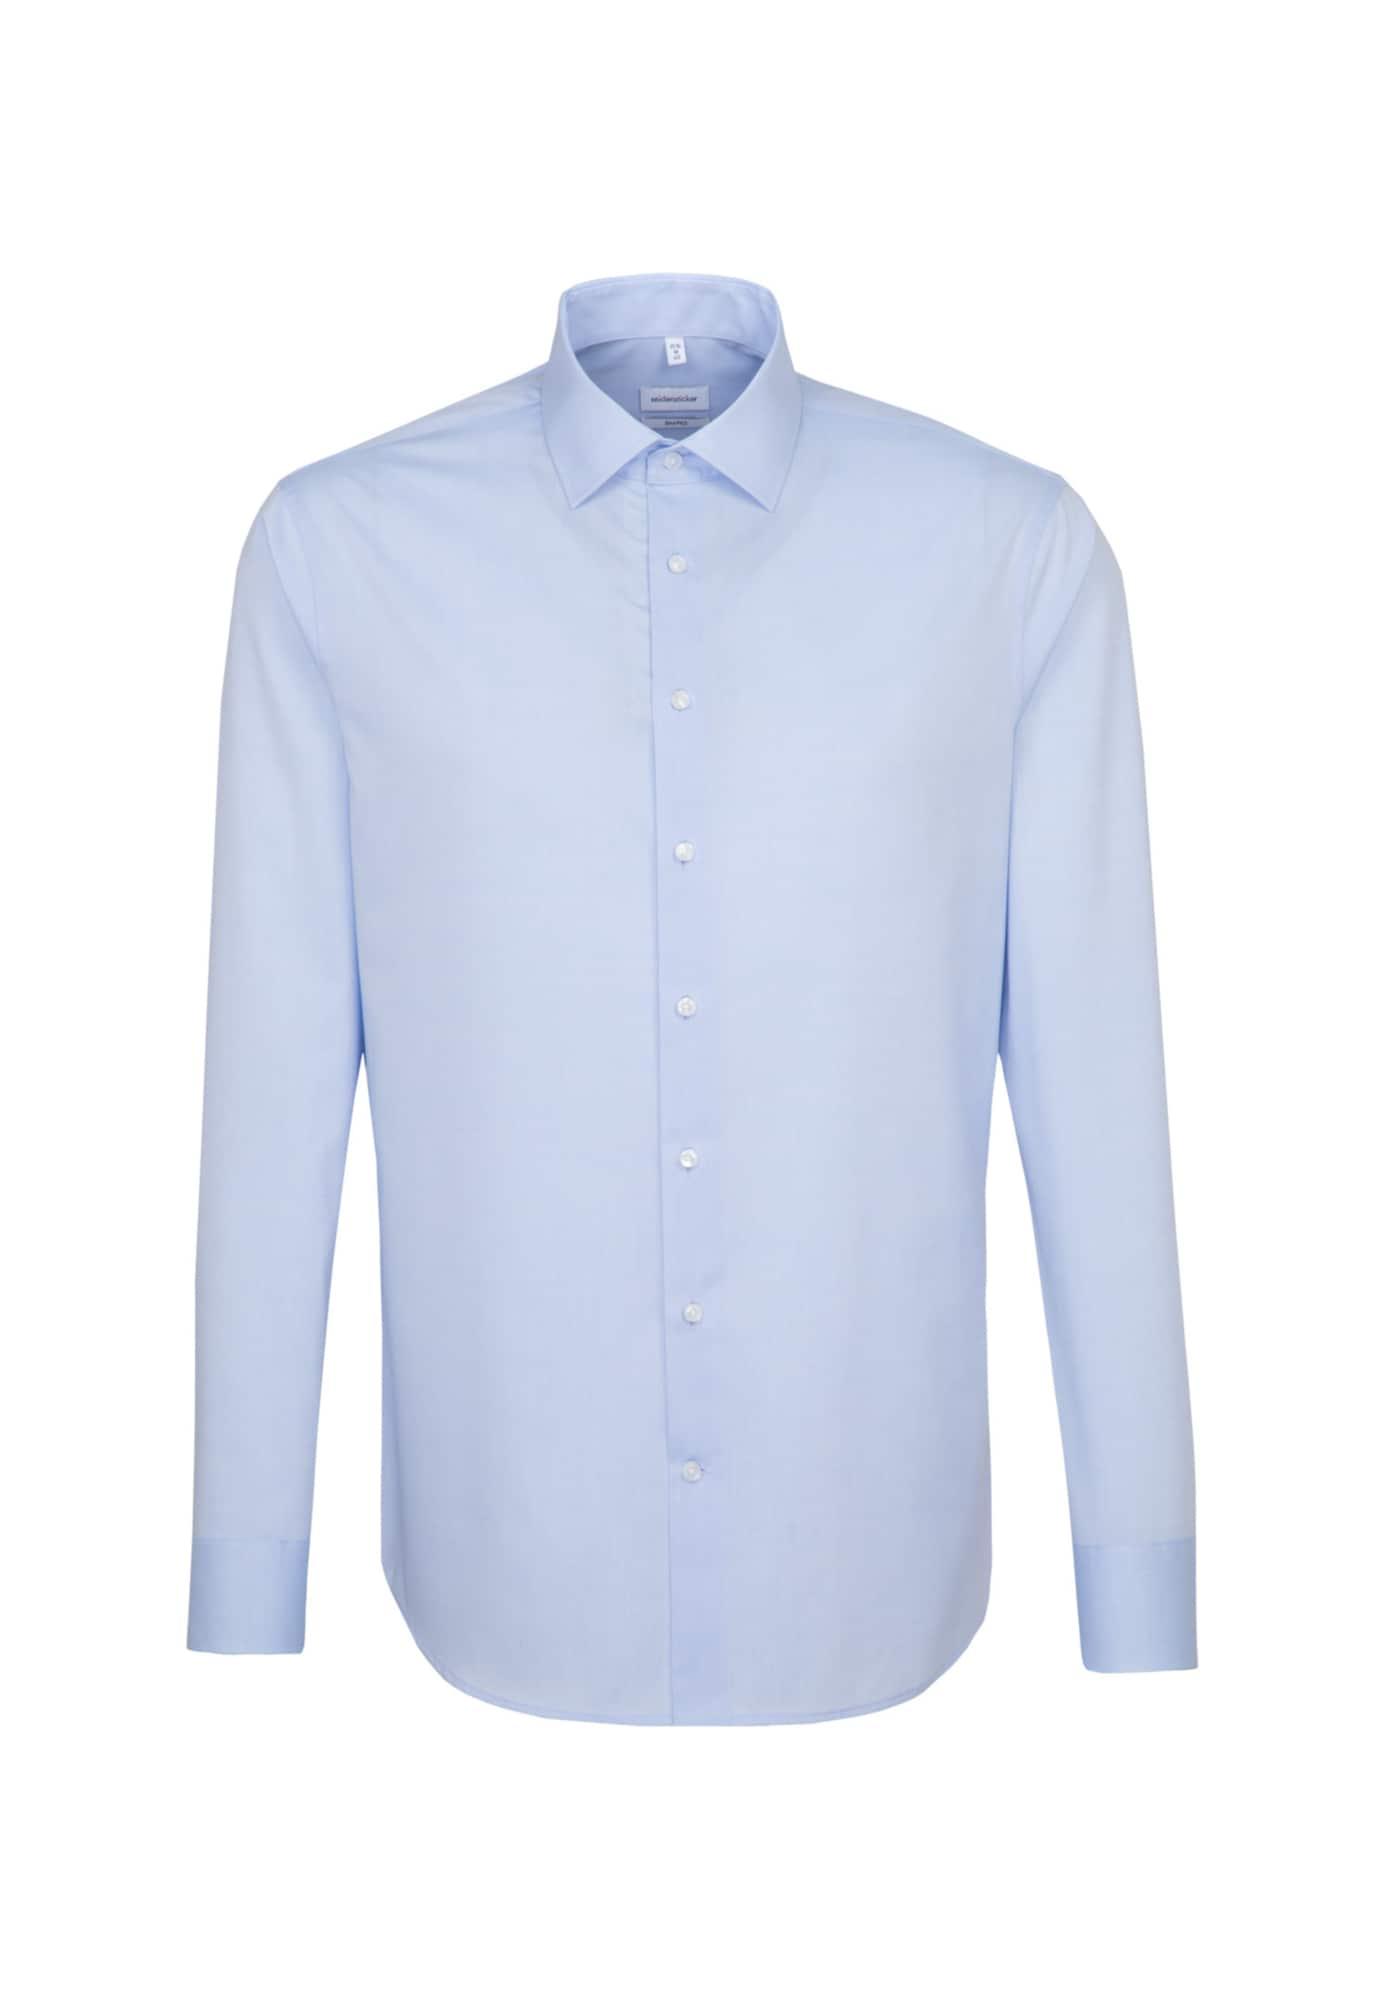 SEIDENSTICKER Dalykinio stiliaus marškiniai opalo